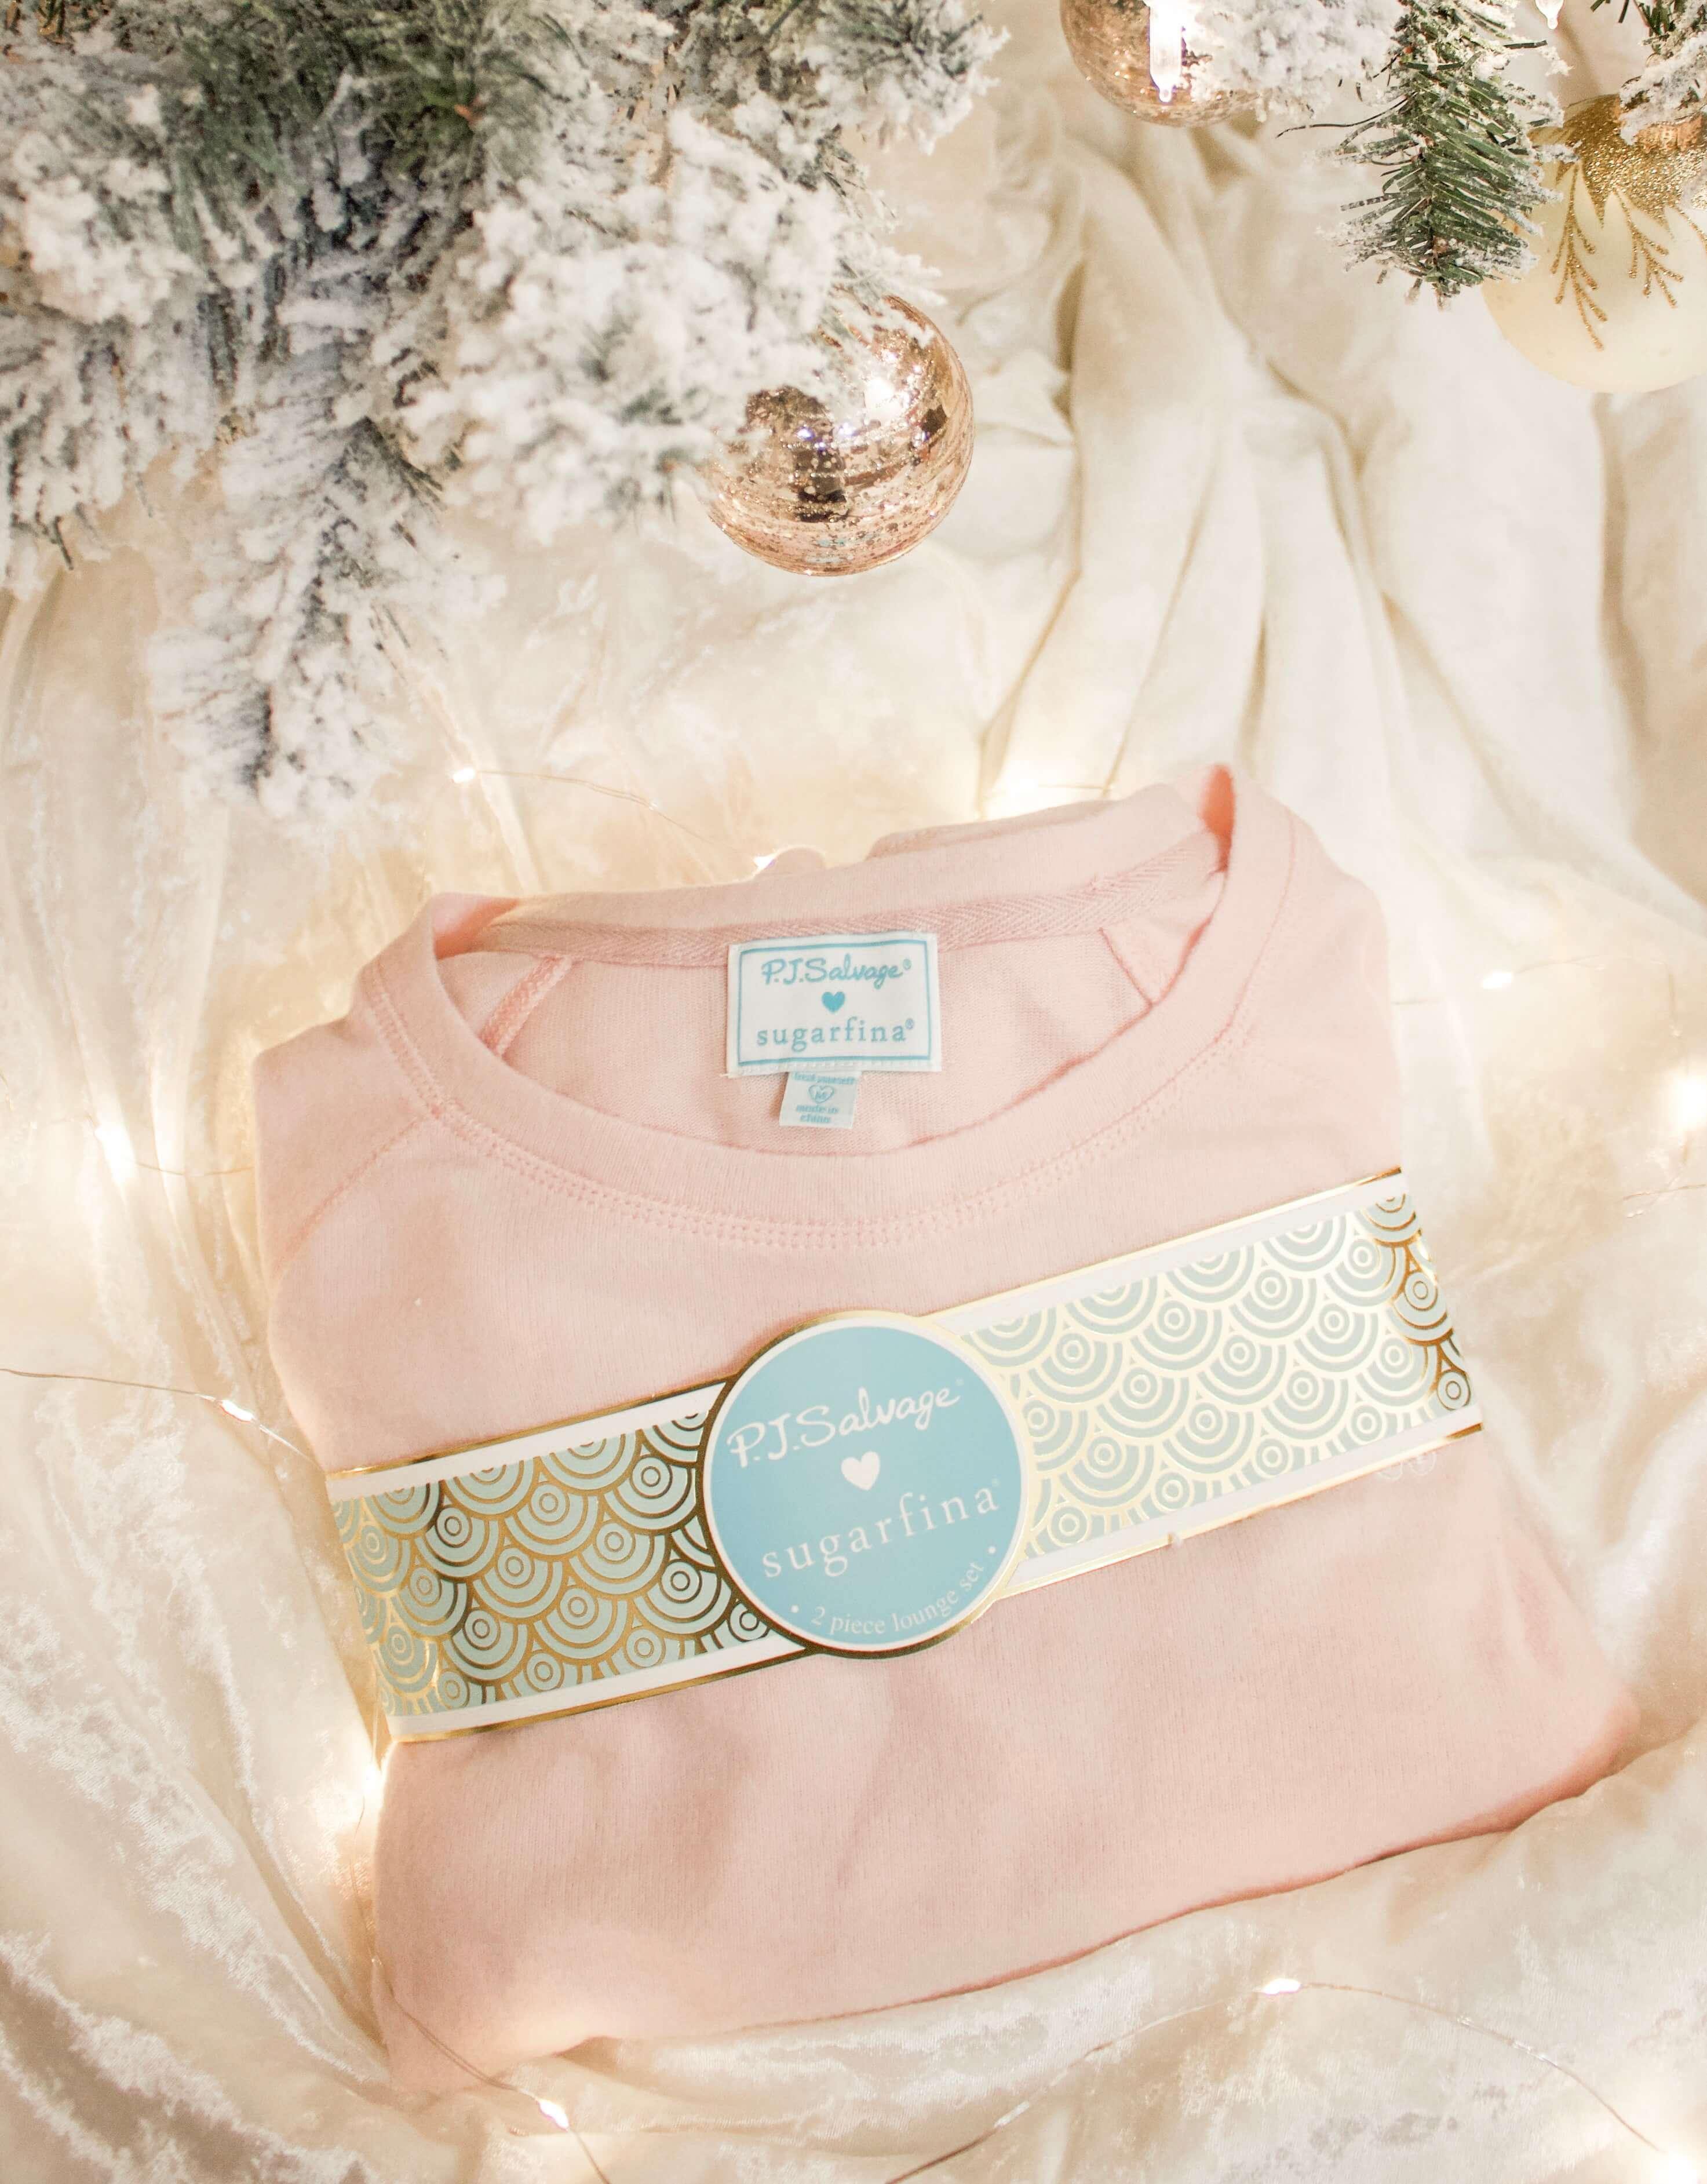 sugarfina pajamas